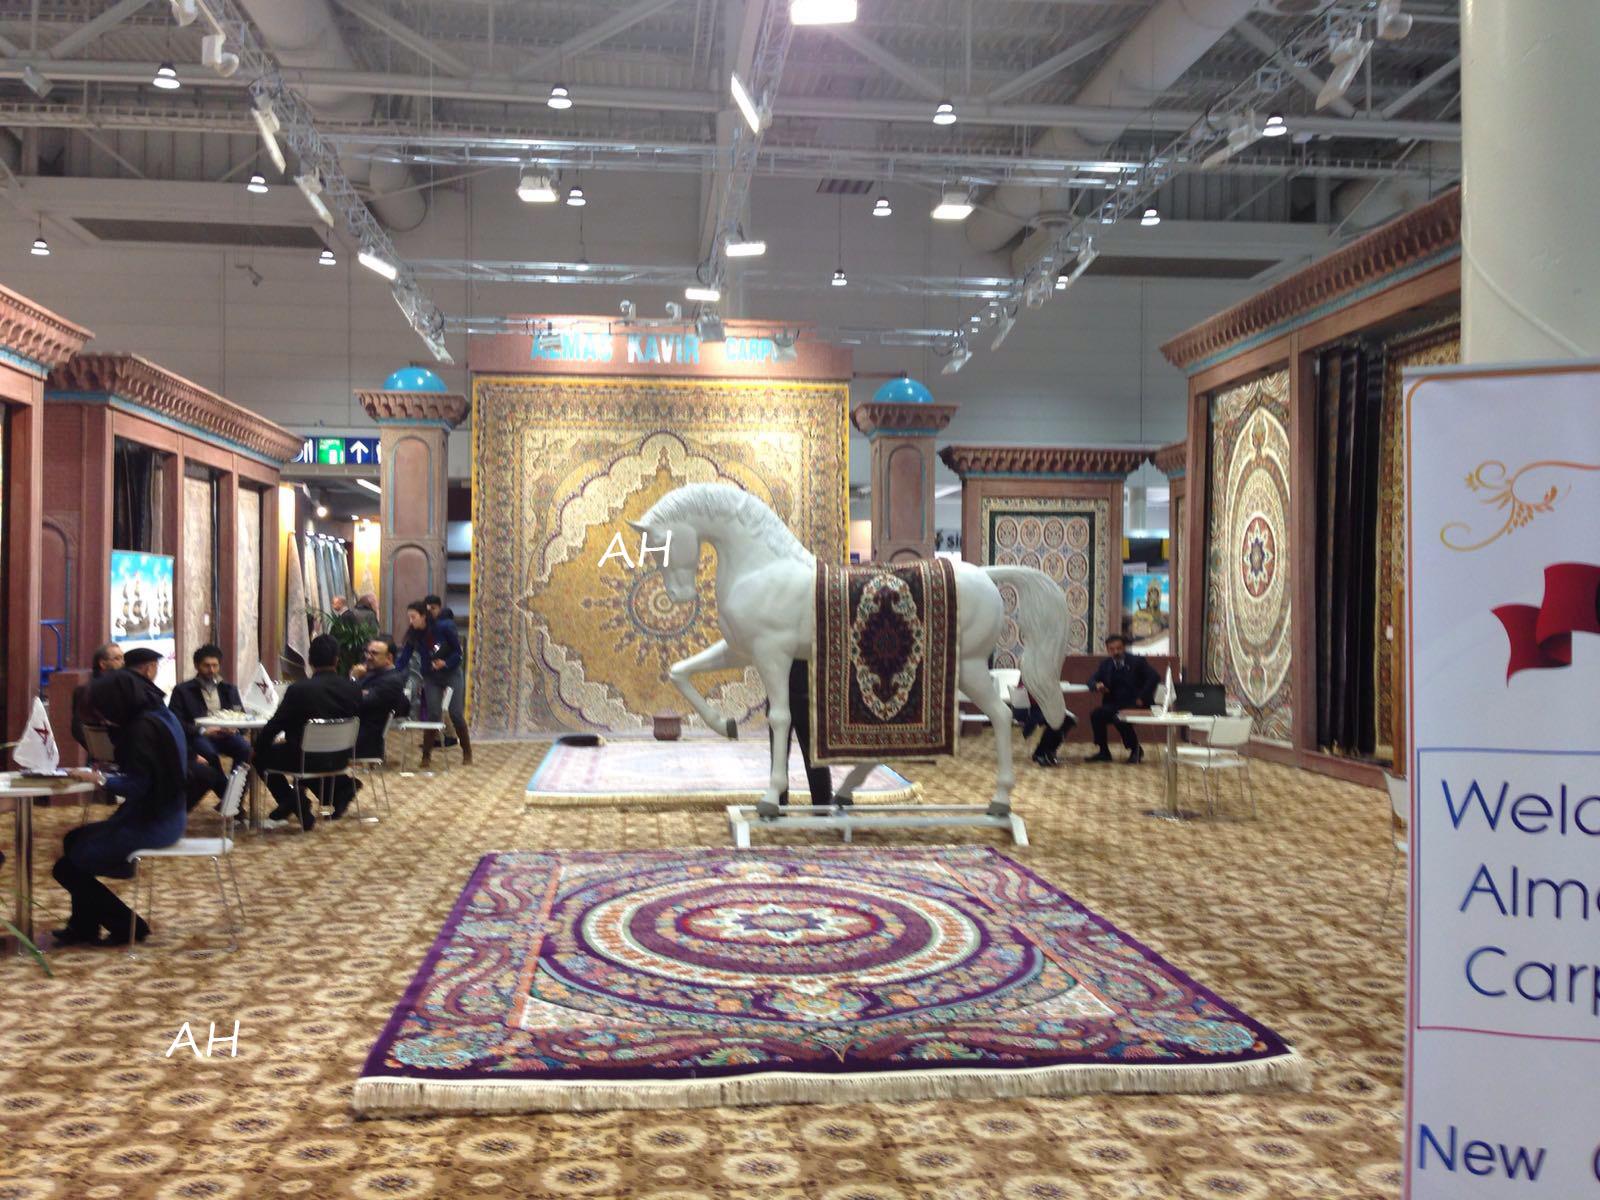 Imagen stand con caballo blanco y alfombras a su alrededor-Domotex 2016